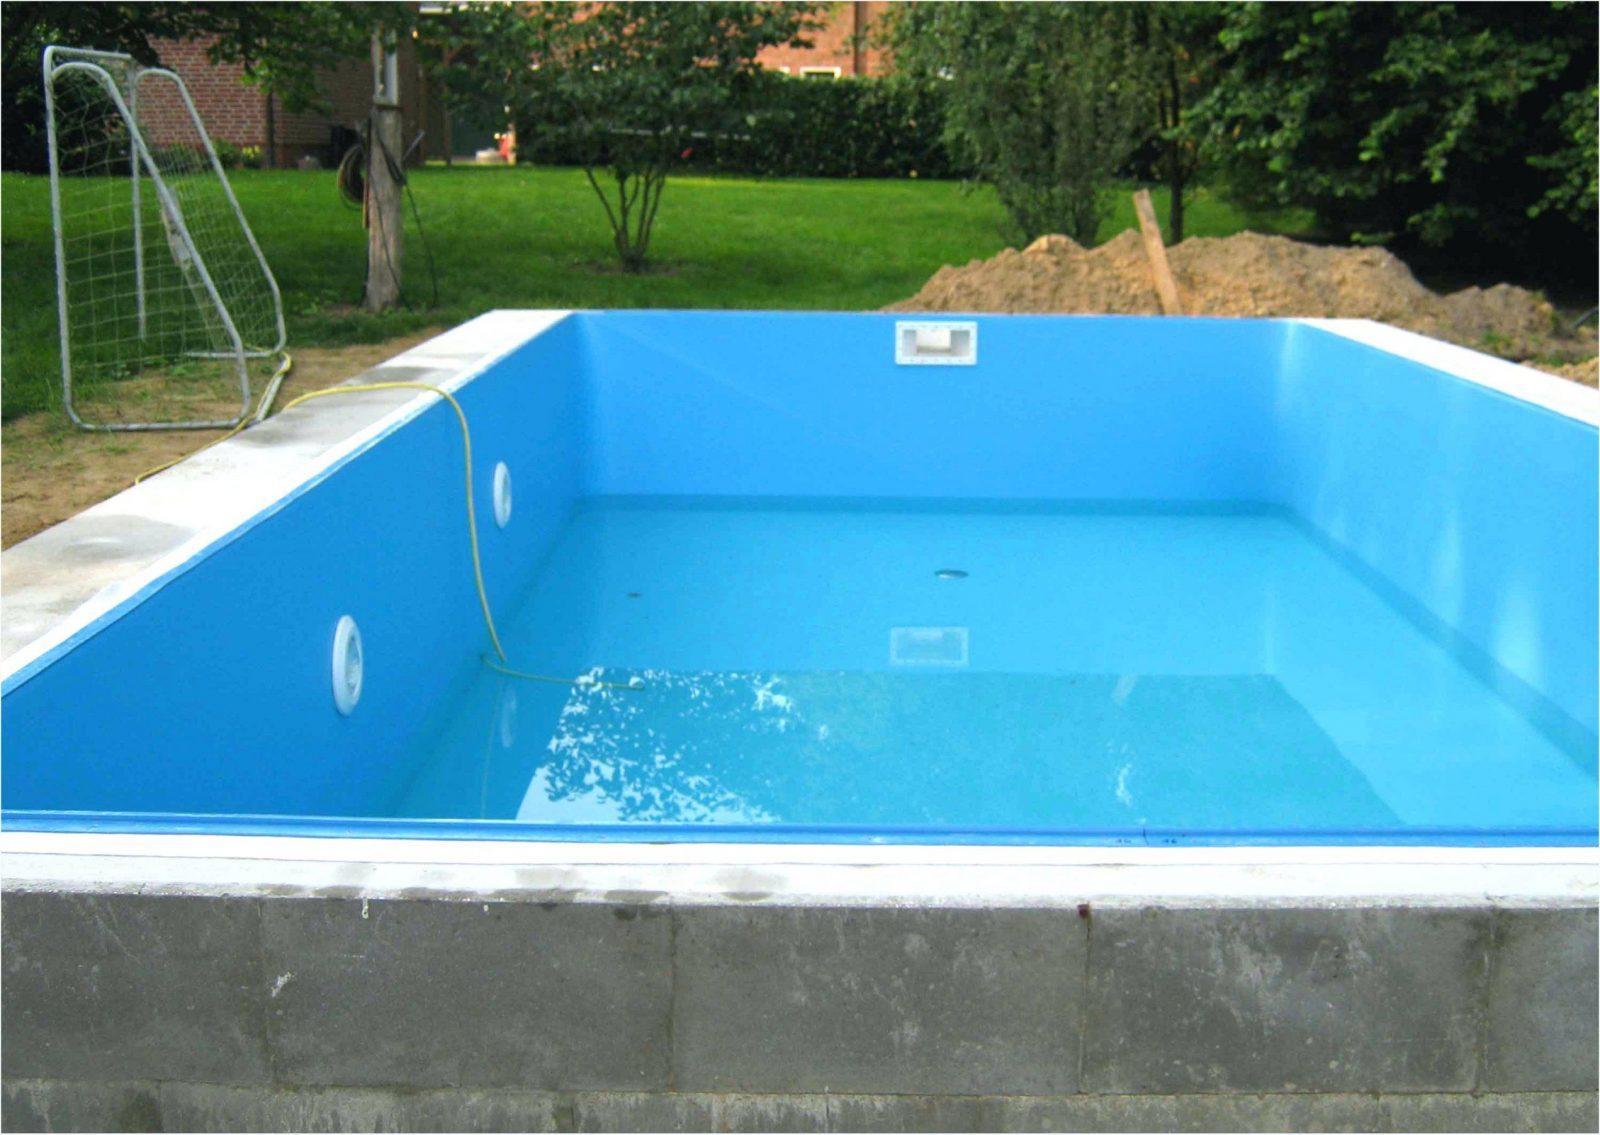 Schwimmbad Selber Bauen Stilvolle Rv23 Hitoiro Pool Garten Kosten von Pool Aus Paletten Selber Bauen Bild